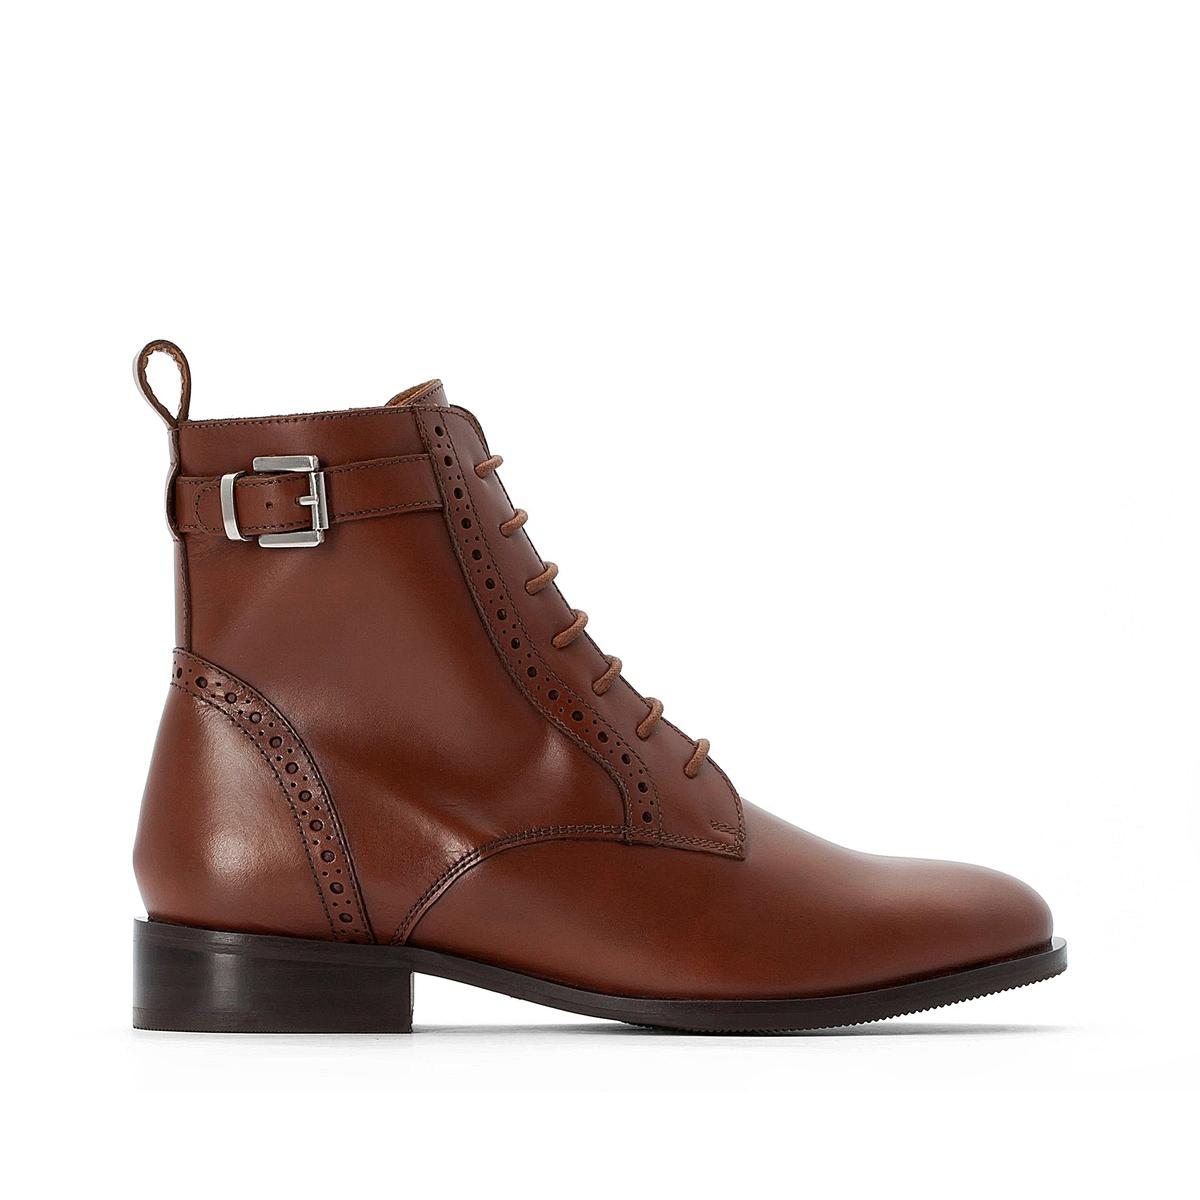 цена Ботильоны La Redoute Кожаные на молнии и оригинальной шнуровке 41 каштановый онлайн в 2017 году